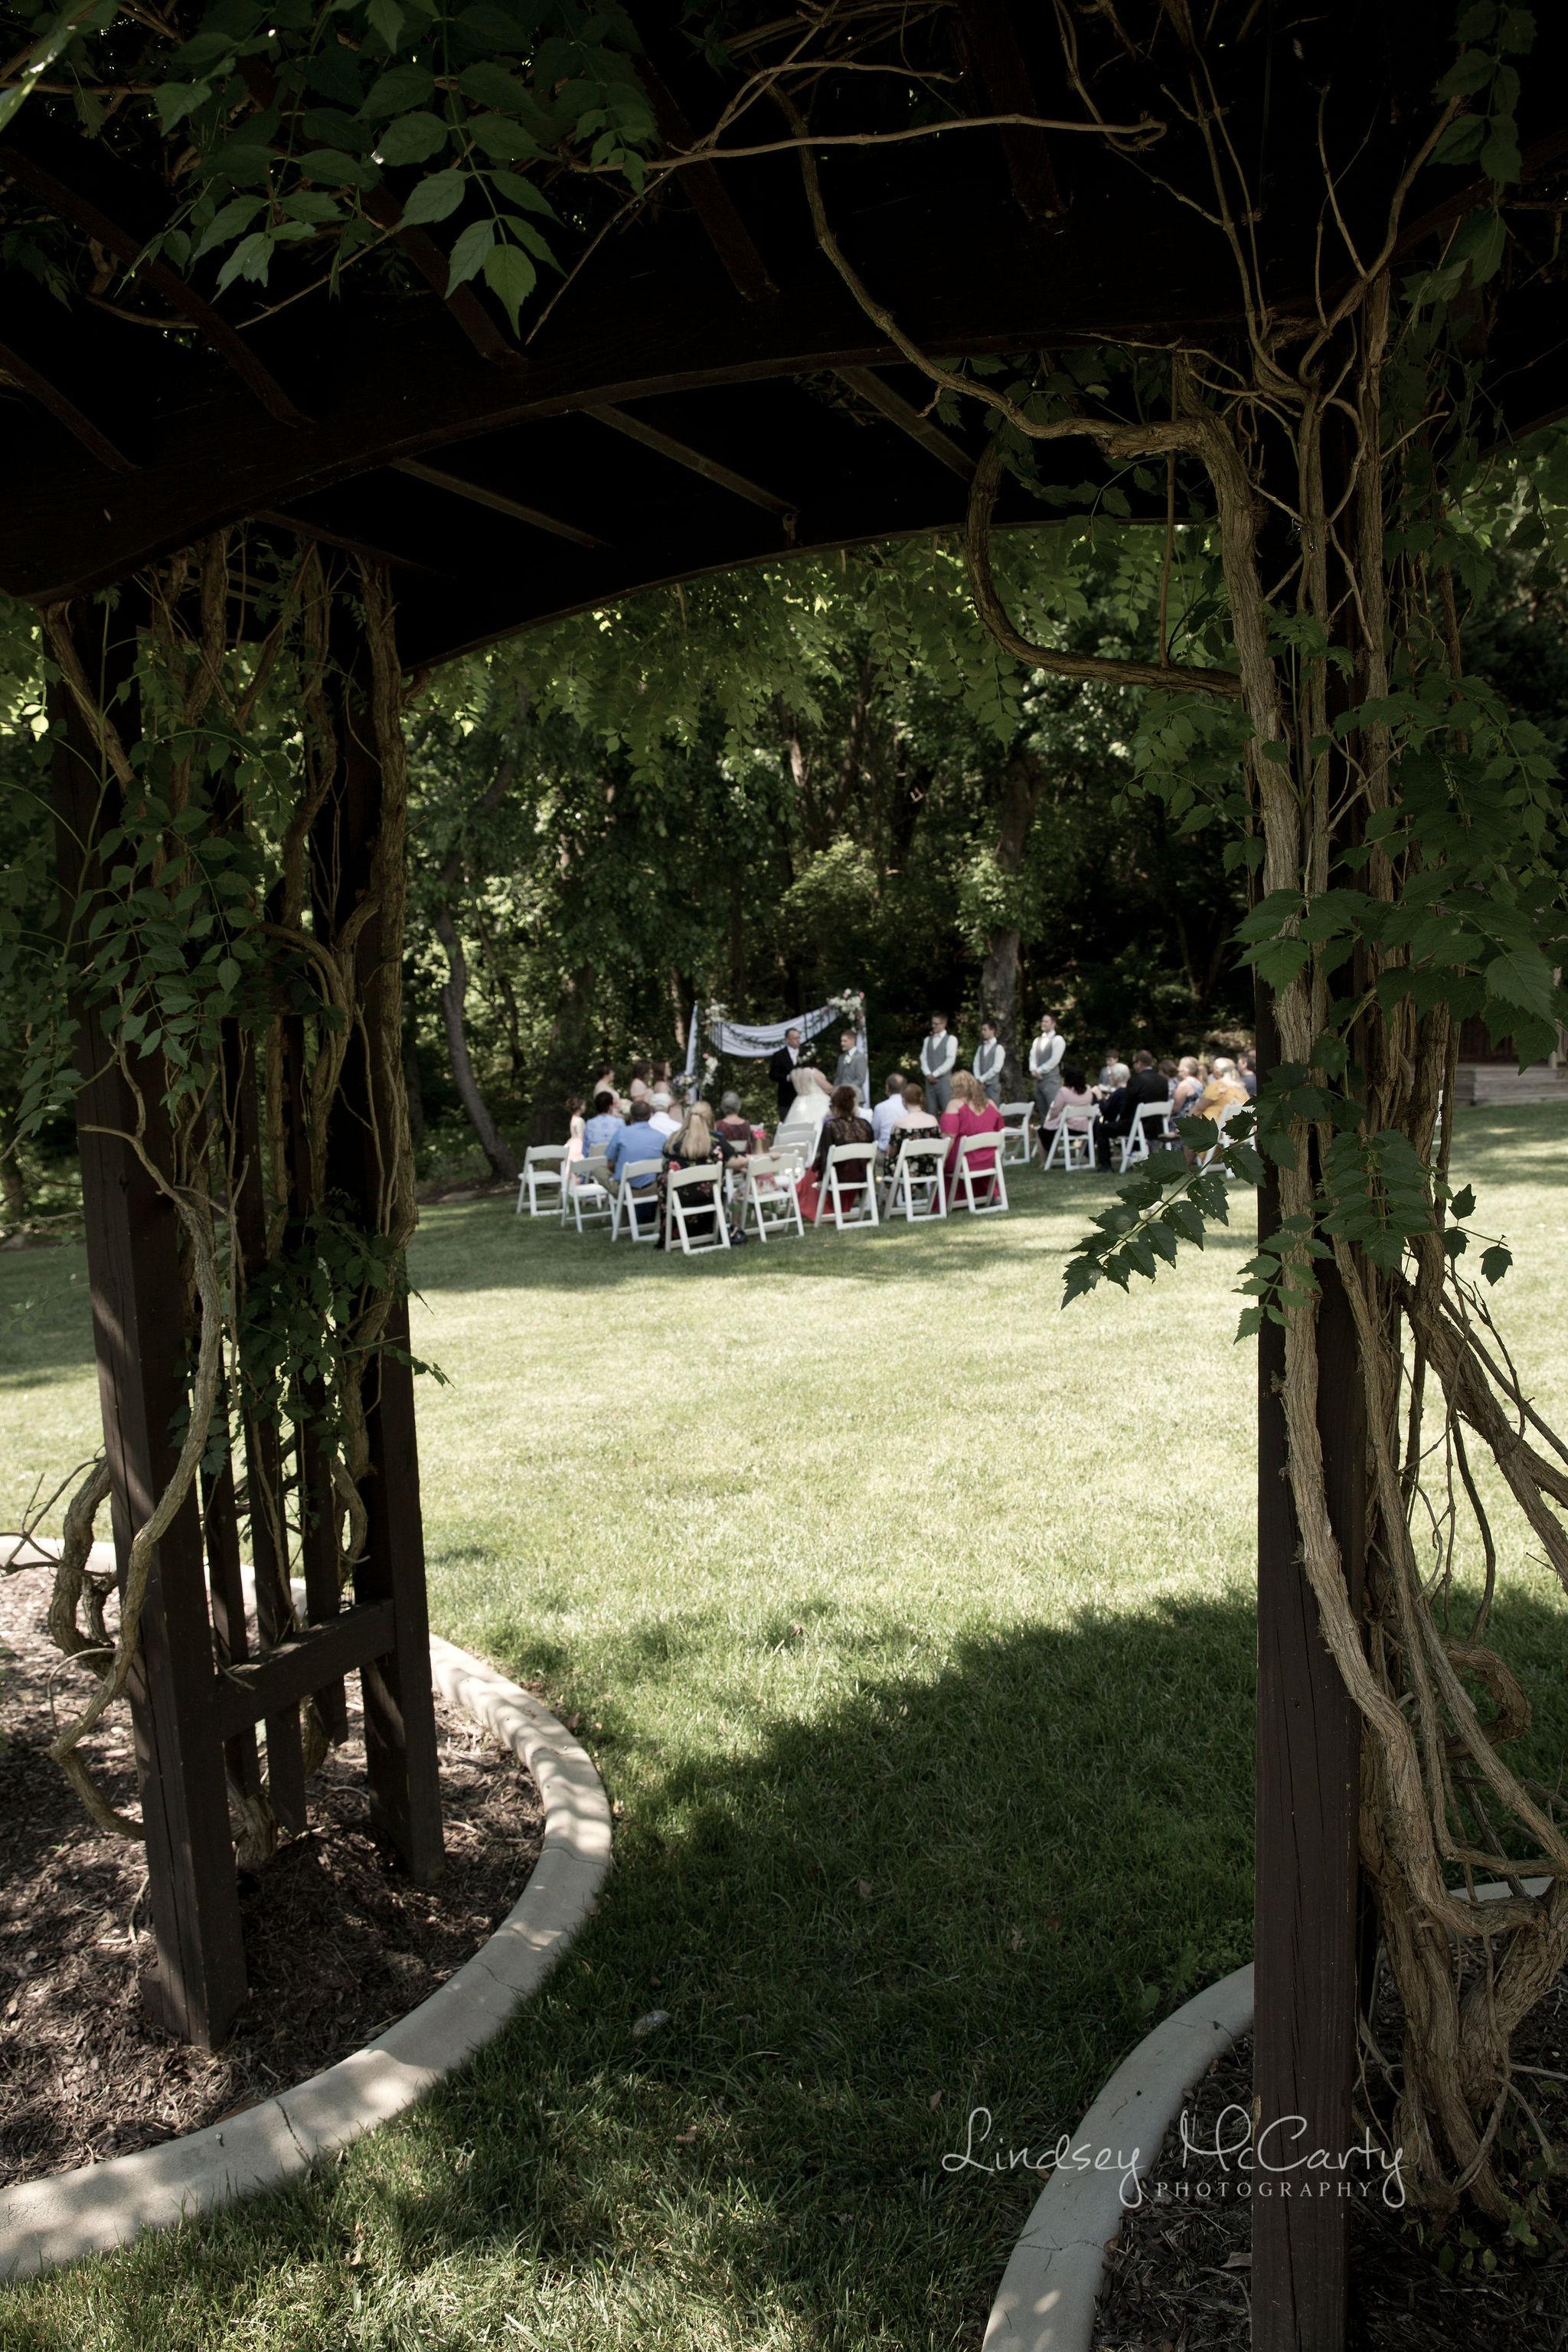 Lindsey McCarty Photography | Roanoke wedding photography | Vinton wedding photography | Virginia wedding photography | The Woodland Place wedding | The Woodland Place wedding photography